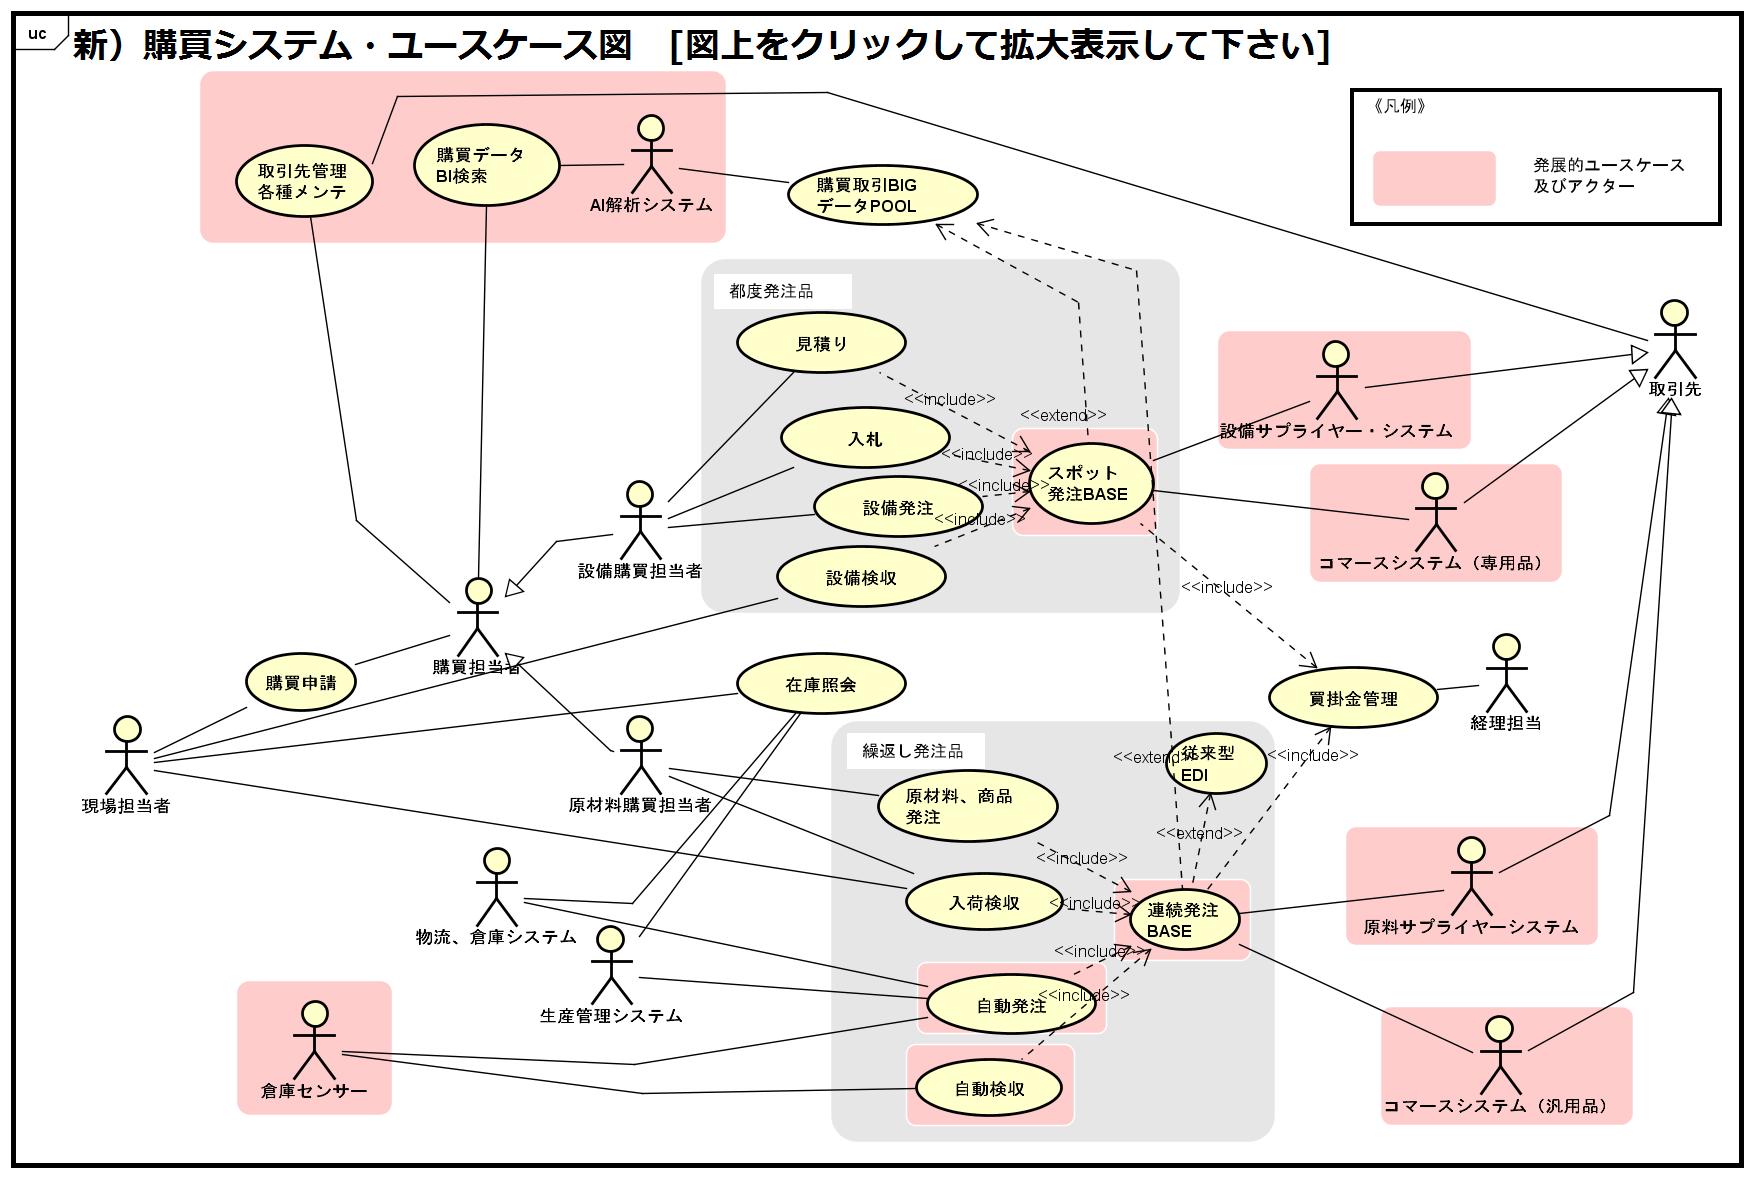 新購買システム・ユースケース図